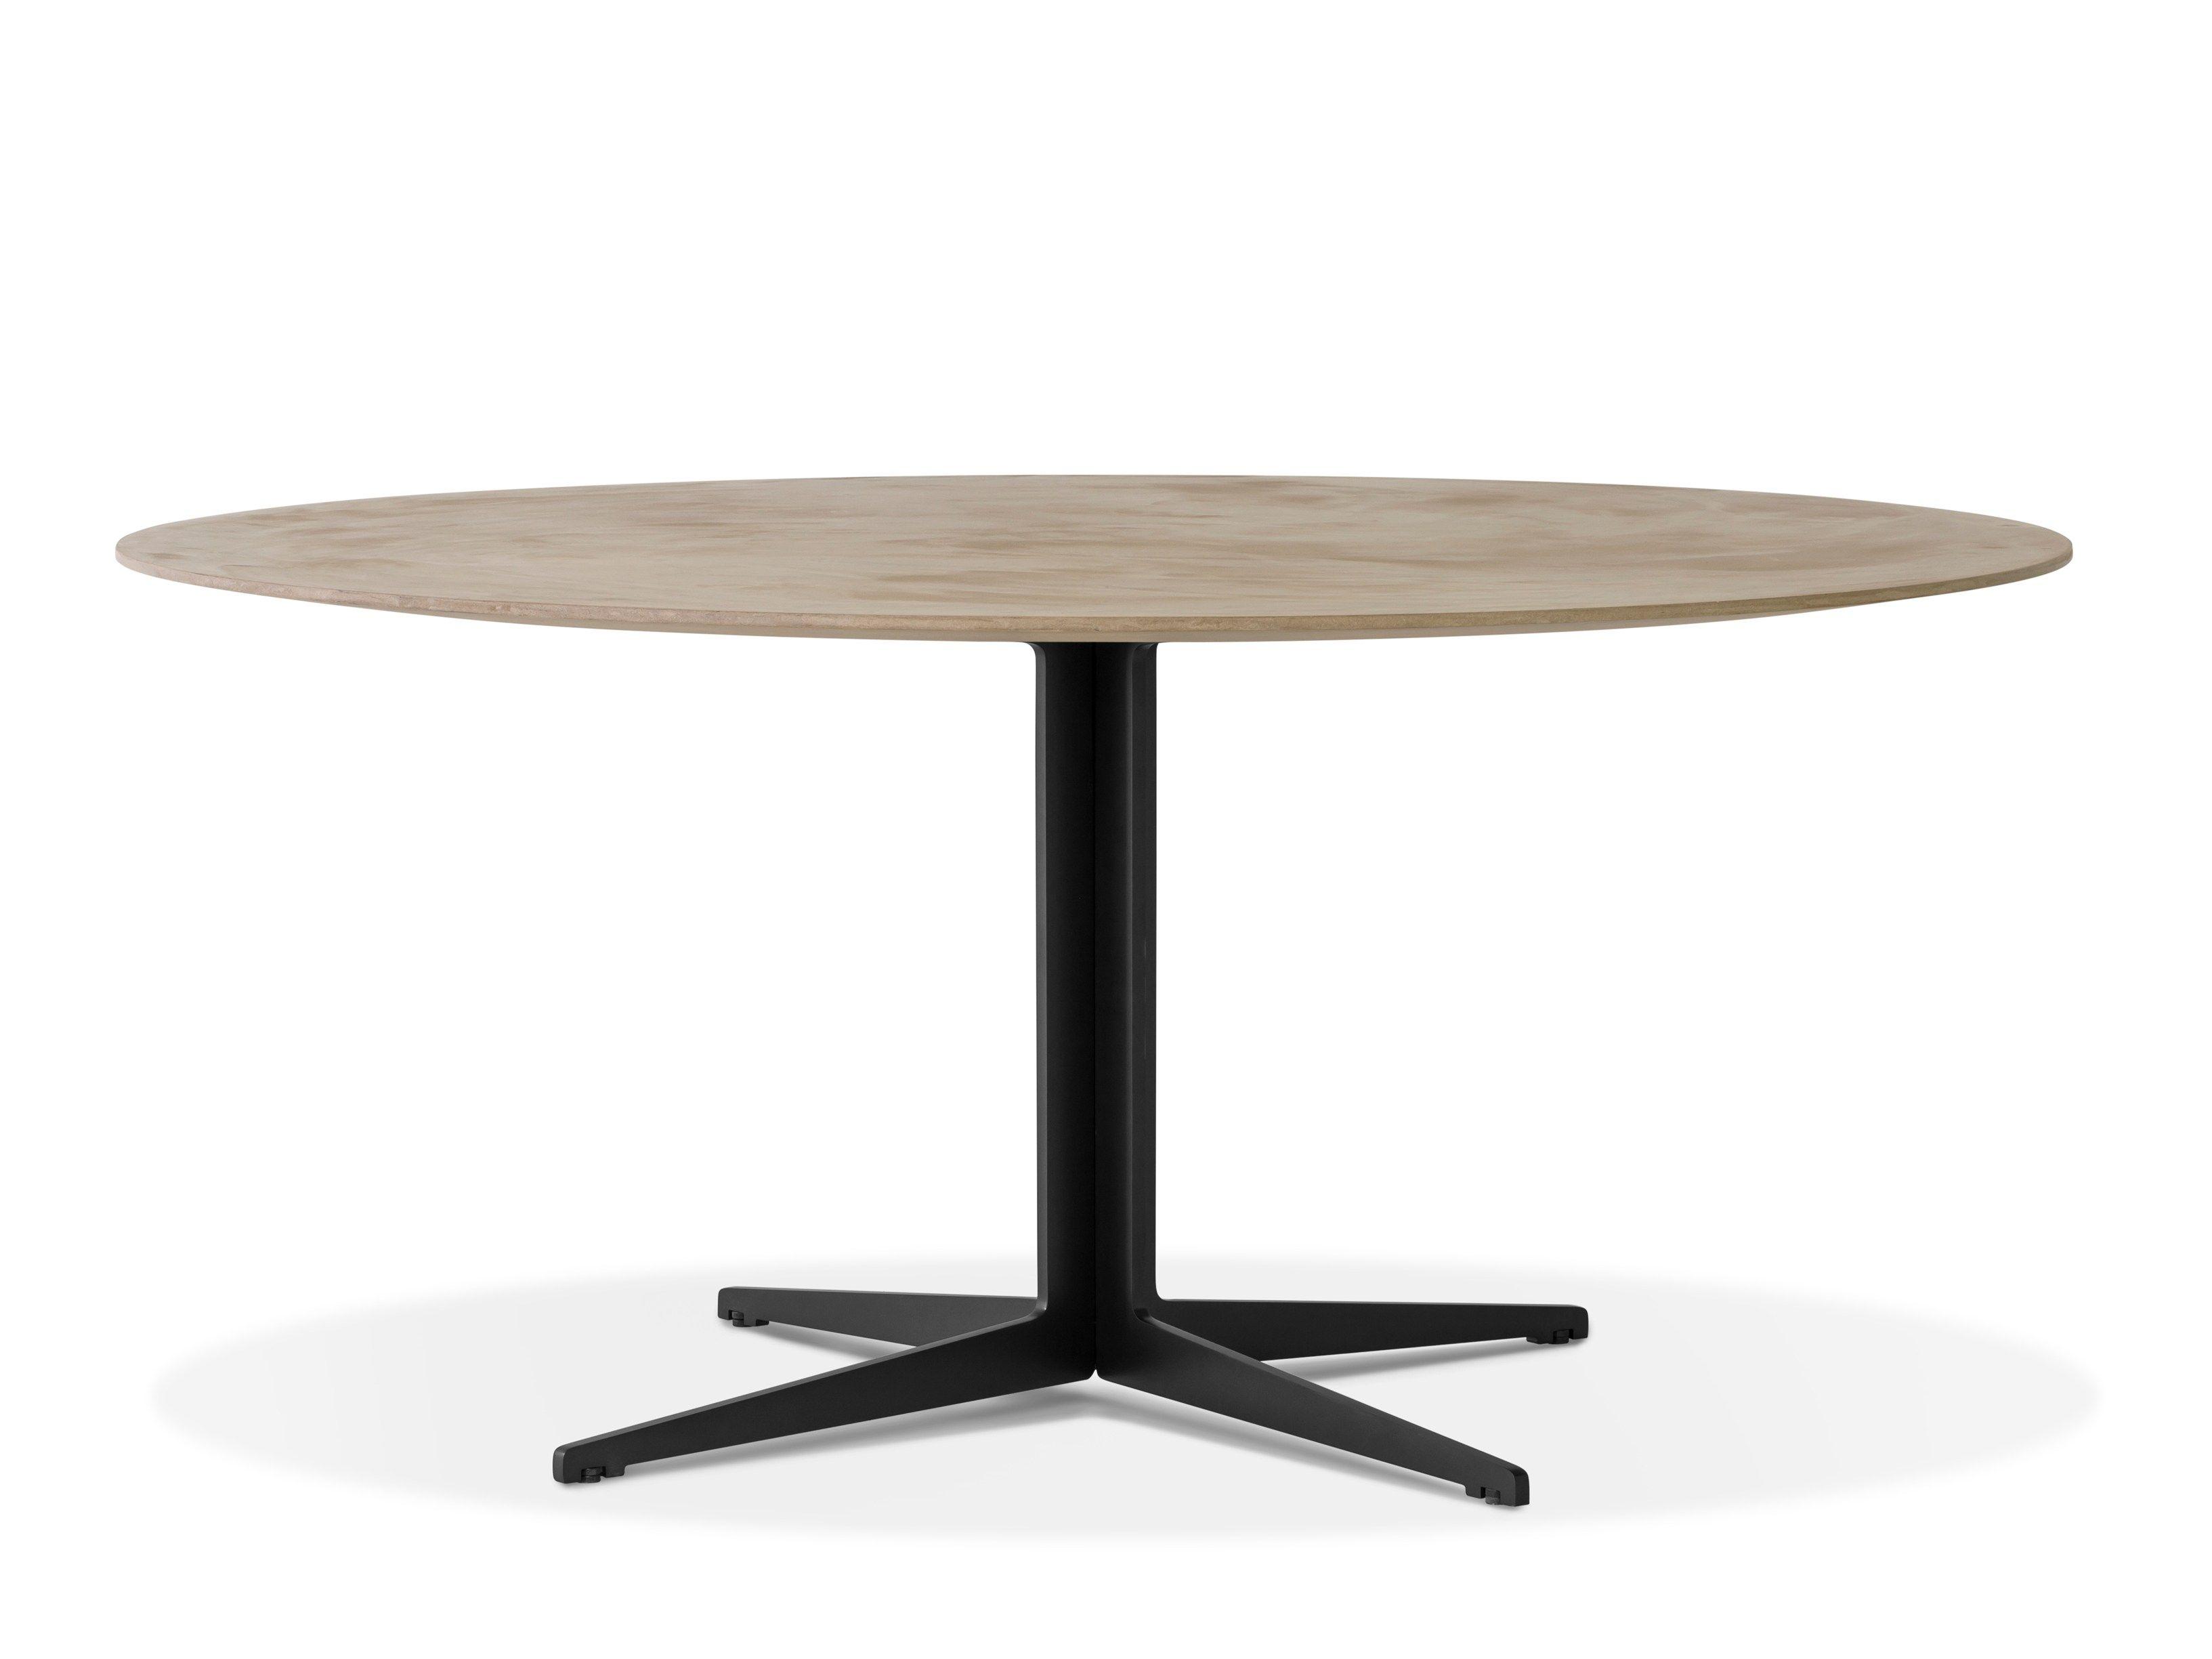 tavoli   tavoli e sedie   archiproducts - Tavolo Allungabile Rotondo Di Castagno